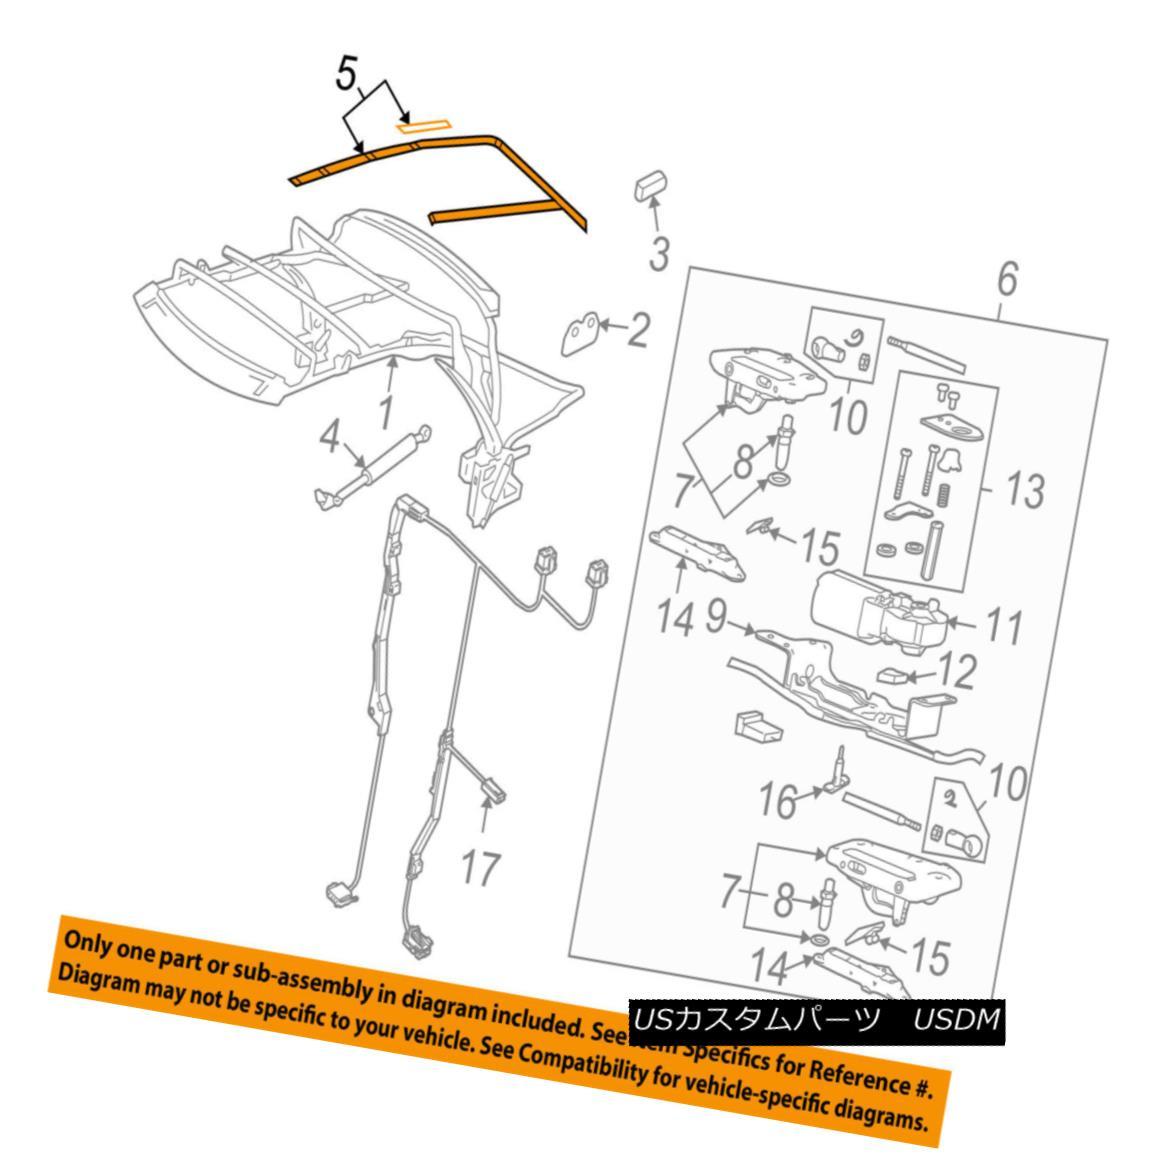 幌・ソフトトップ AUDI OEM 03-06 A4 Convertible/soft Top-Strap 8H0898241 アウディOEM 03-06 A4コンバーチブル/ so ftトップストラップ8H0898241